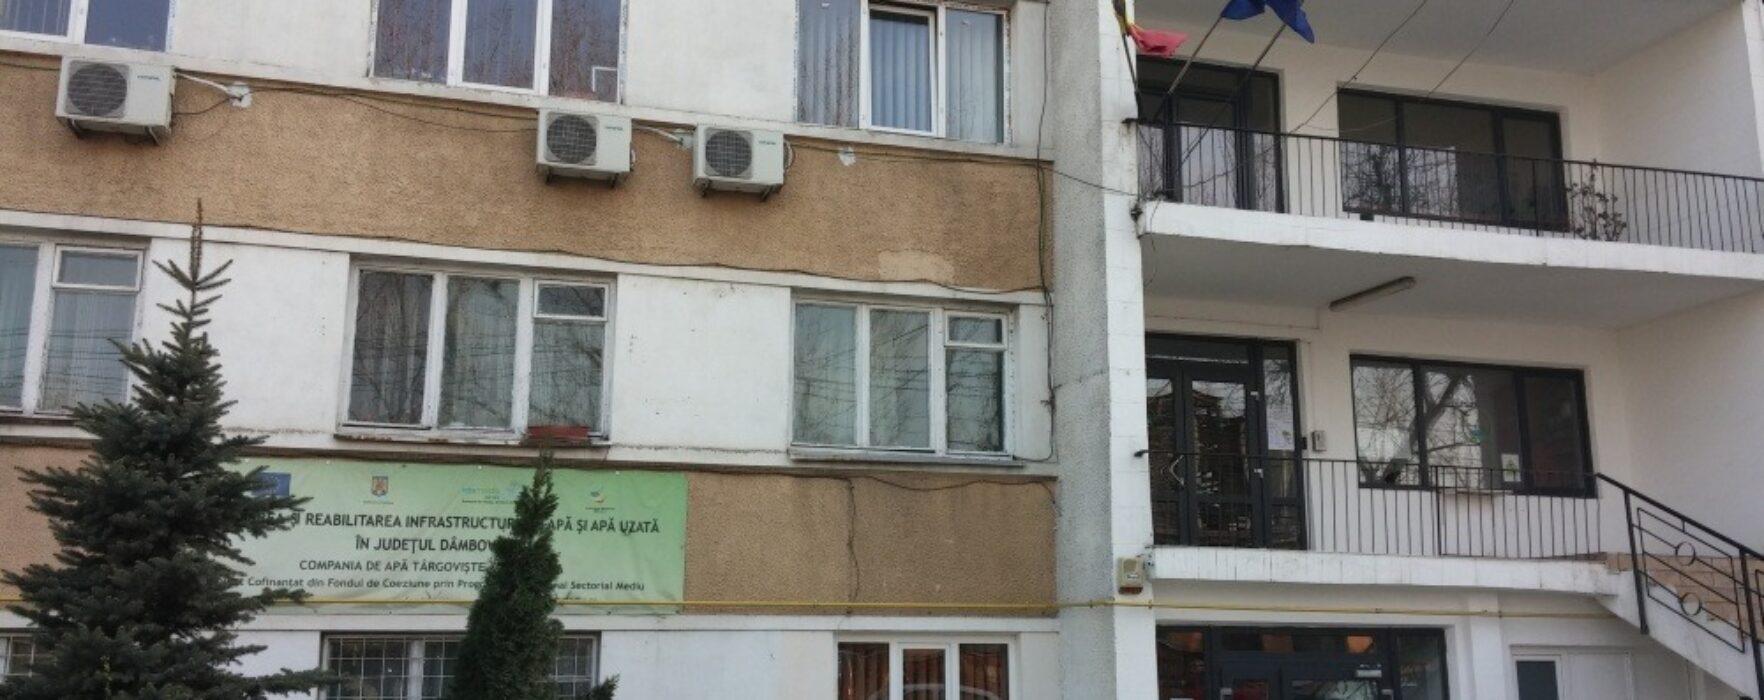 Trei dintre directorii Companiei de Apă Târgovişte s-au îmbolnăvit când li s-a cerut demisia